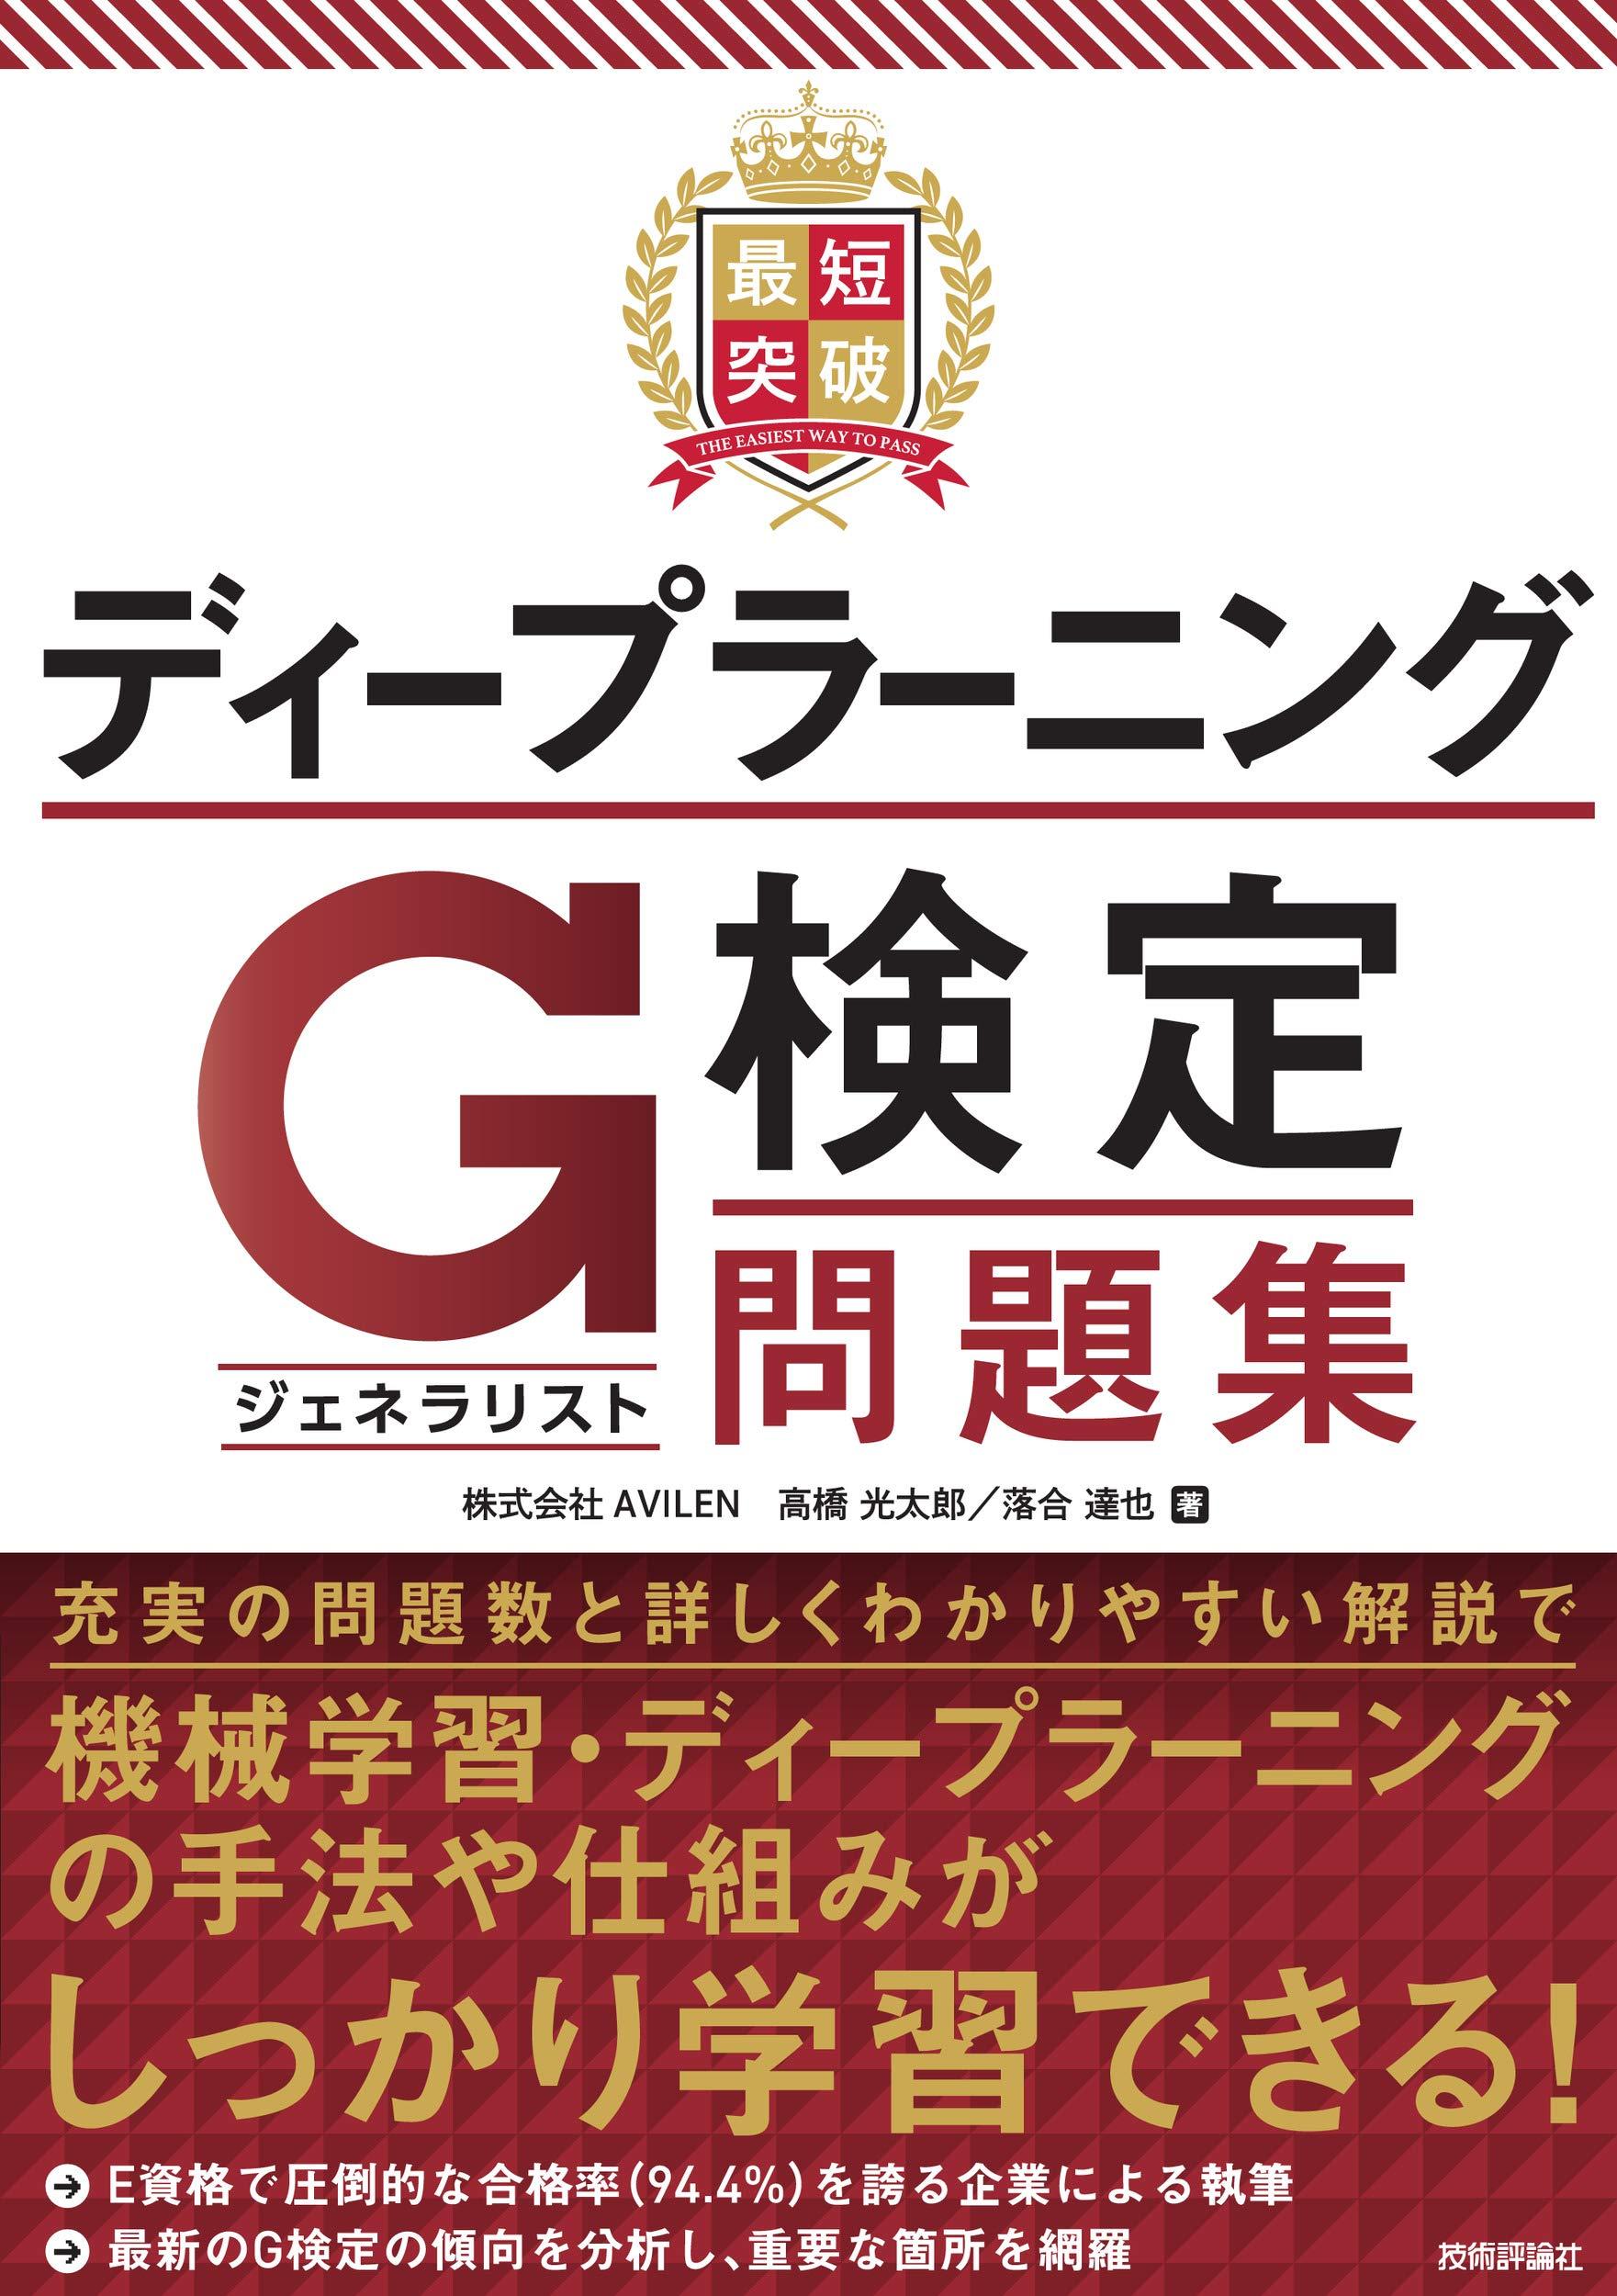 【最新傾向に徹底対応】AVILEN執筆の「G検定」対策問題集が9月26日に発売!あなたを合格へ導きます。